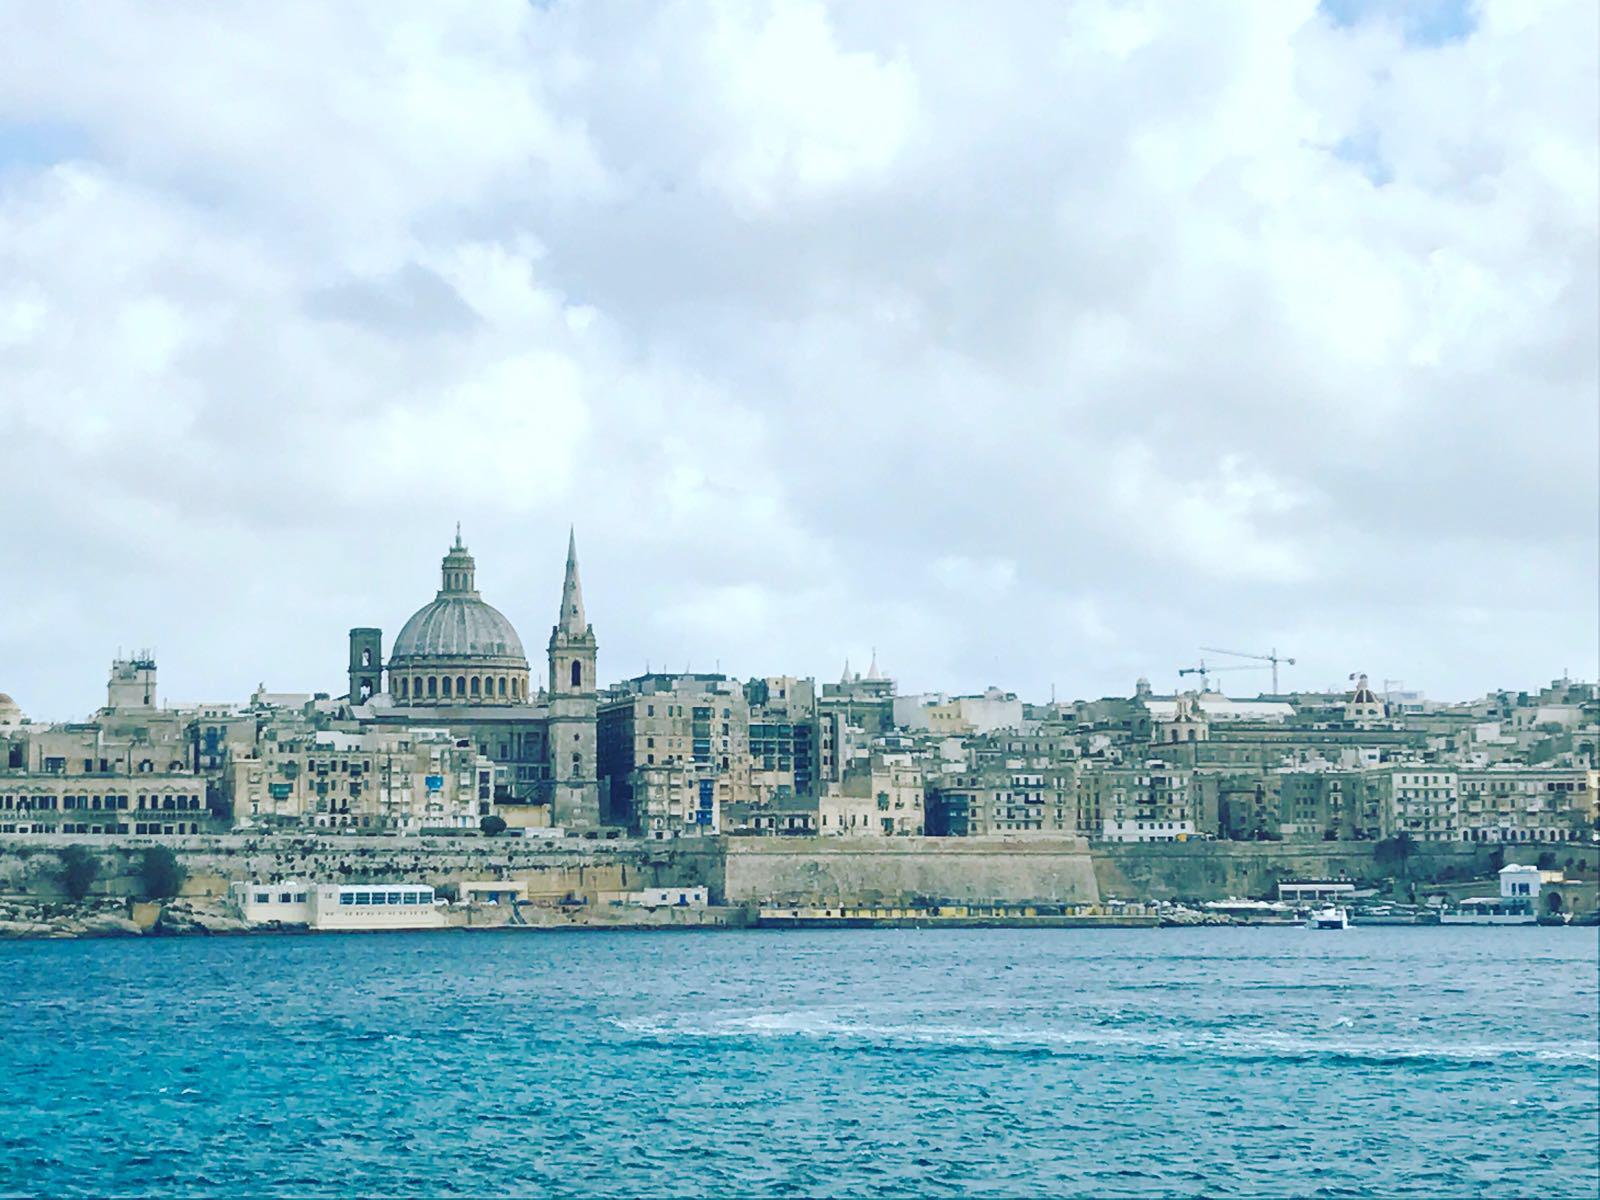 【マルタ共和国】ビザを取ってヨーロッパ留学をお考えの方へ!【ご注意ください!!!】